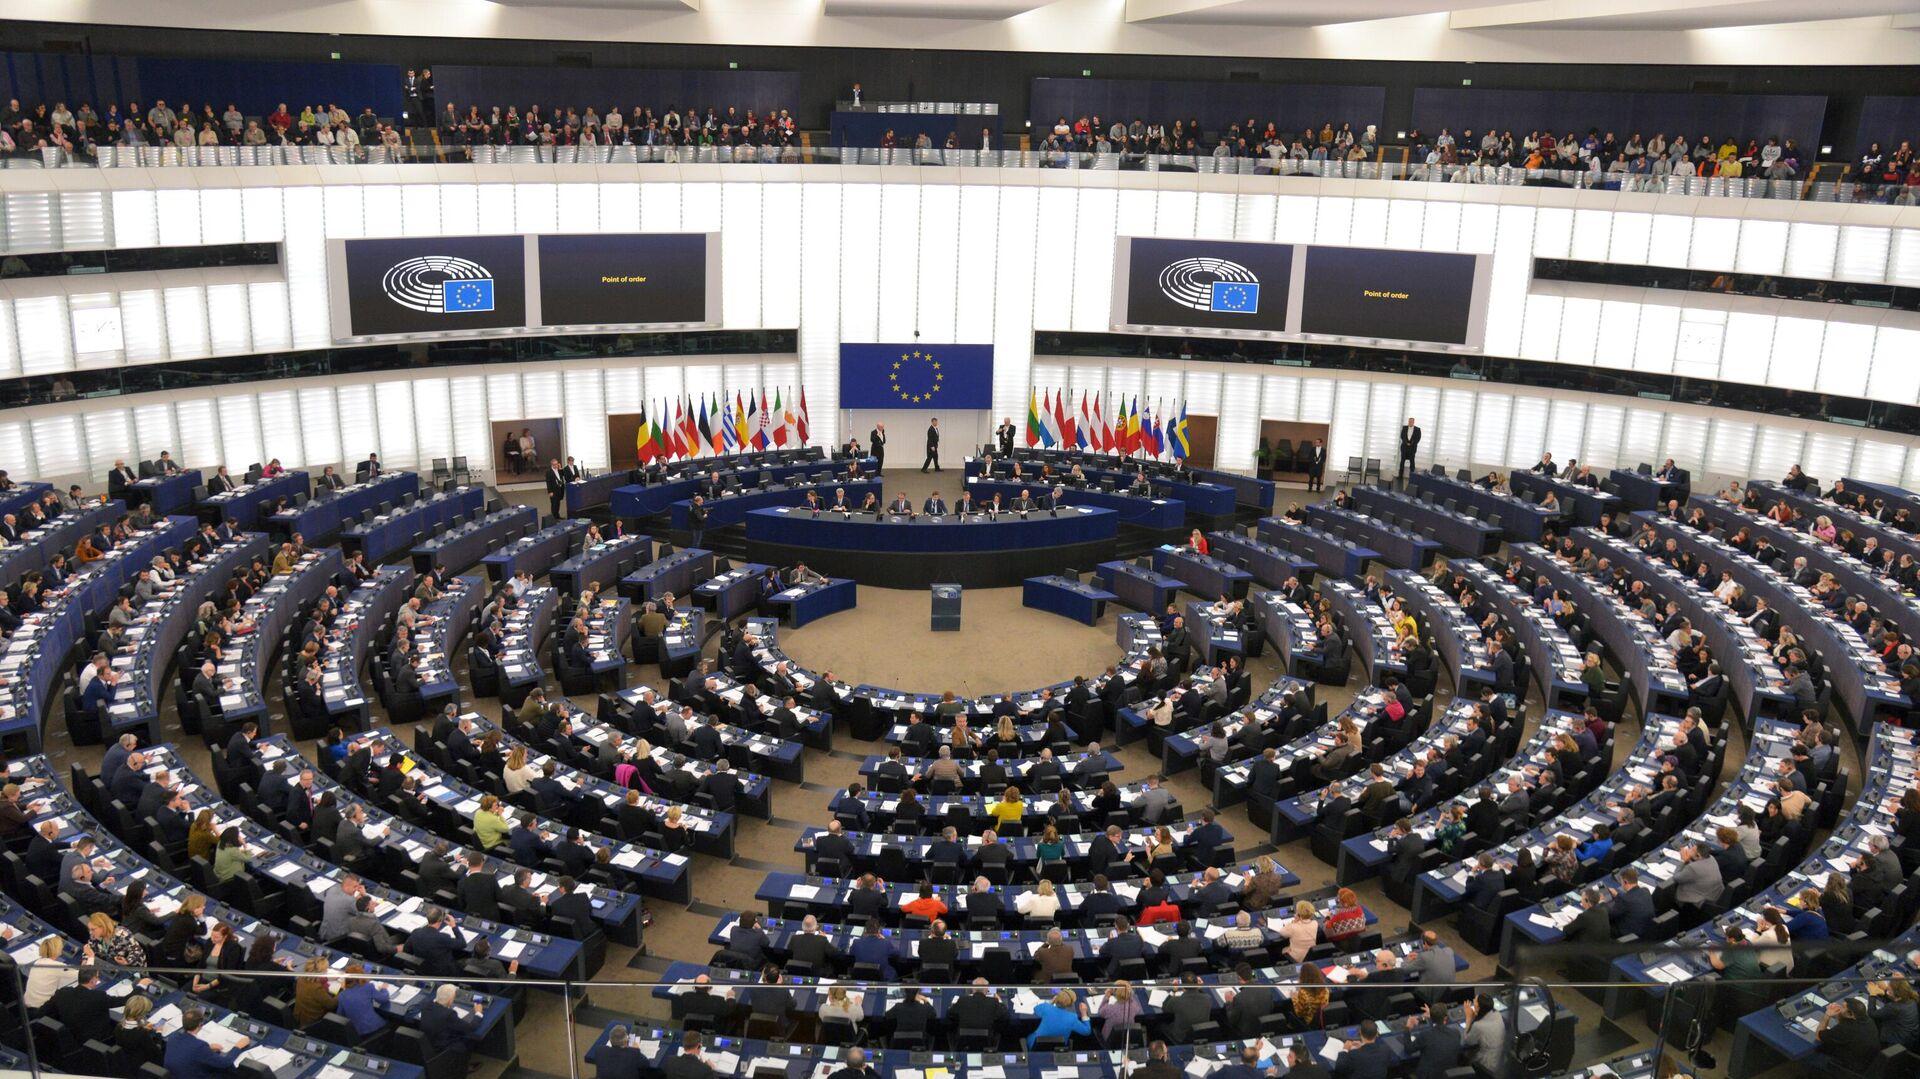 Депутаты на пленарной сессии Европейского парламента в Страсбурге - РИА Новости, 1920, 21.01.2021